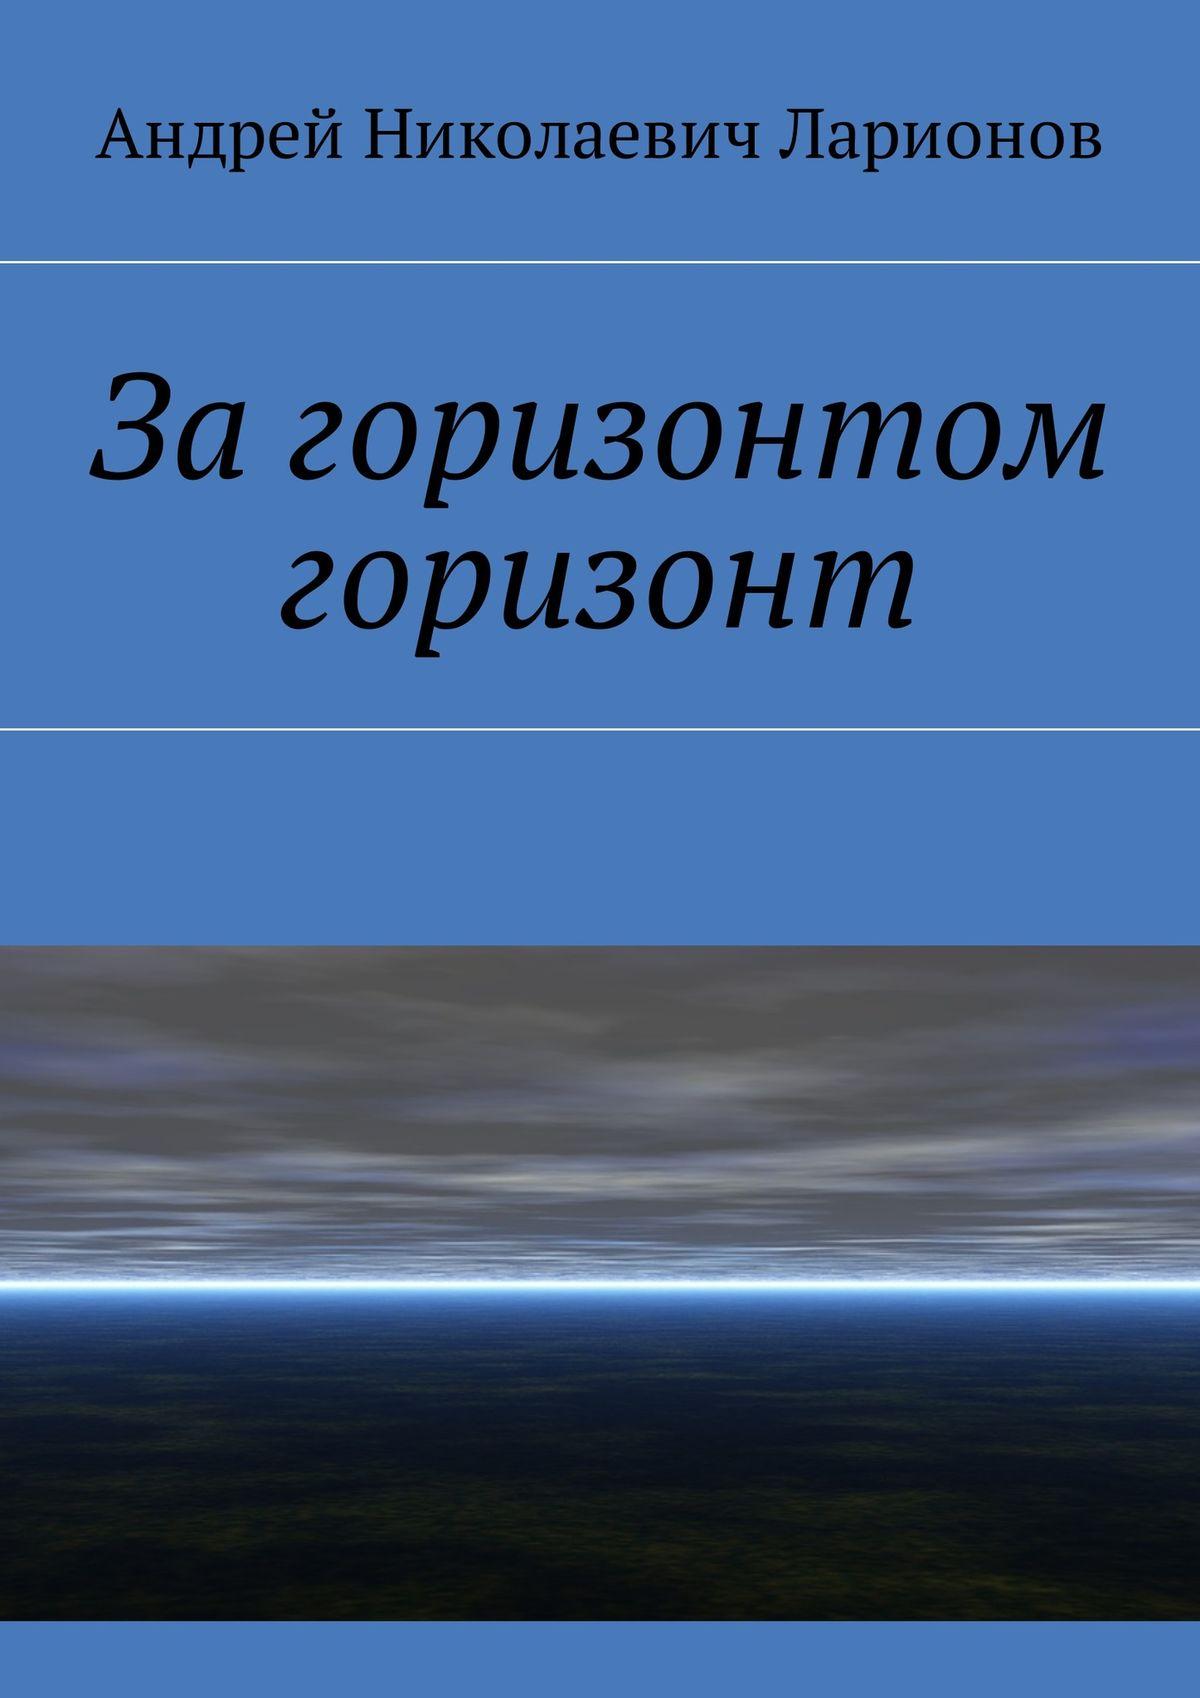 Андрей Николаевич Ларионов Загоризонтом горизонт цена